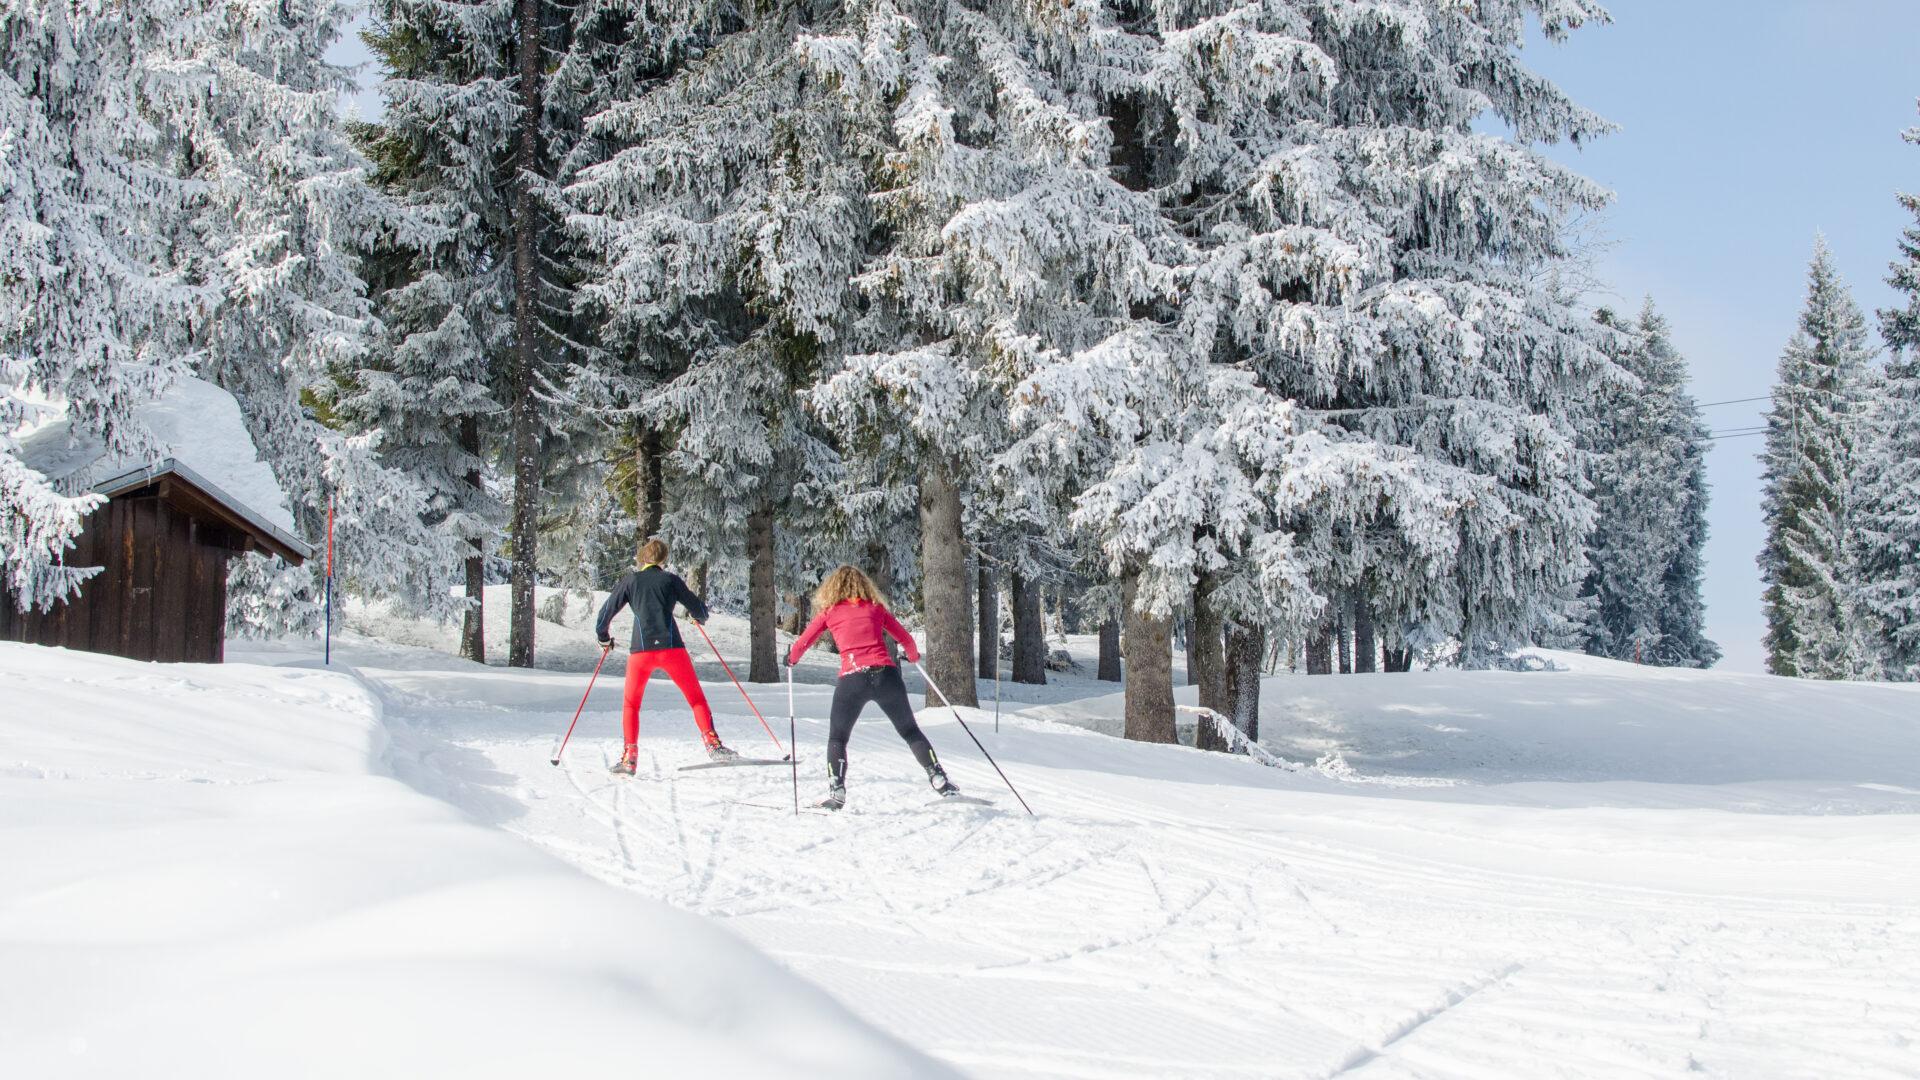 Deux personnes faisant du ski de fond avec chalet et sapins enneigés